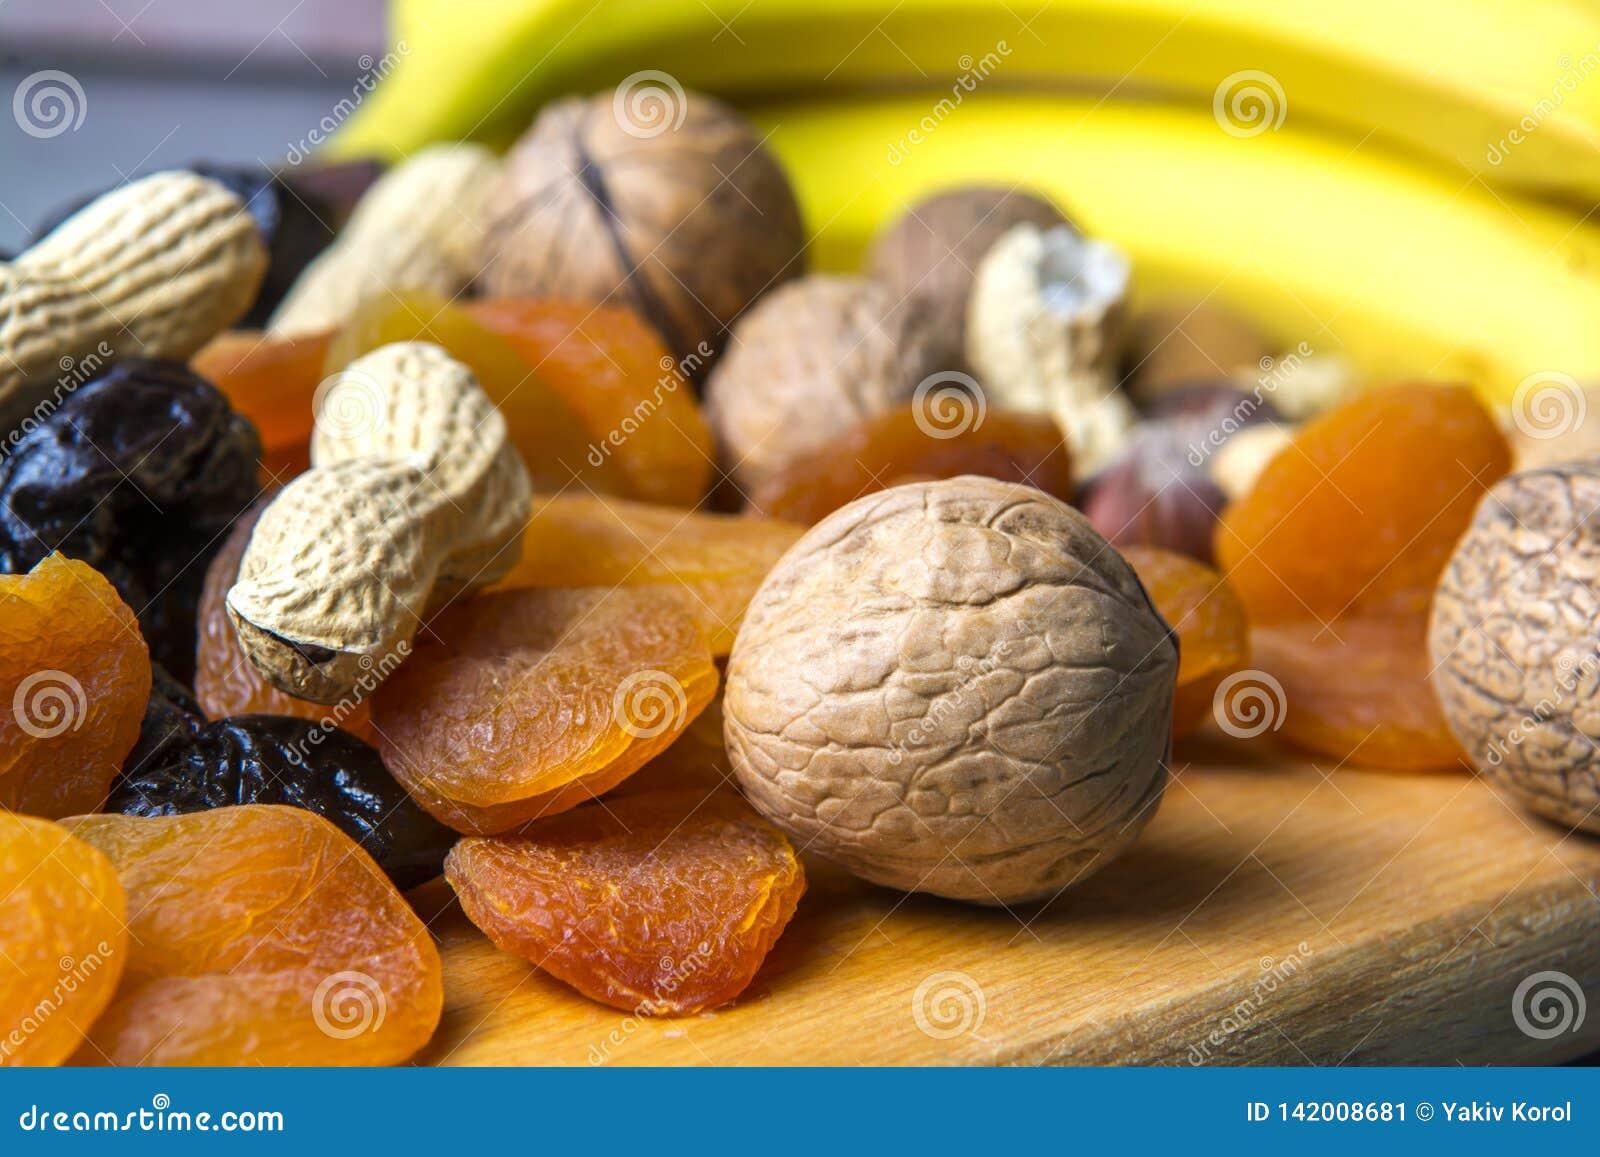 Vegetarische Nahrung von Nüssen und von Trockenfrüchten auf dem Küchenbrett